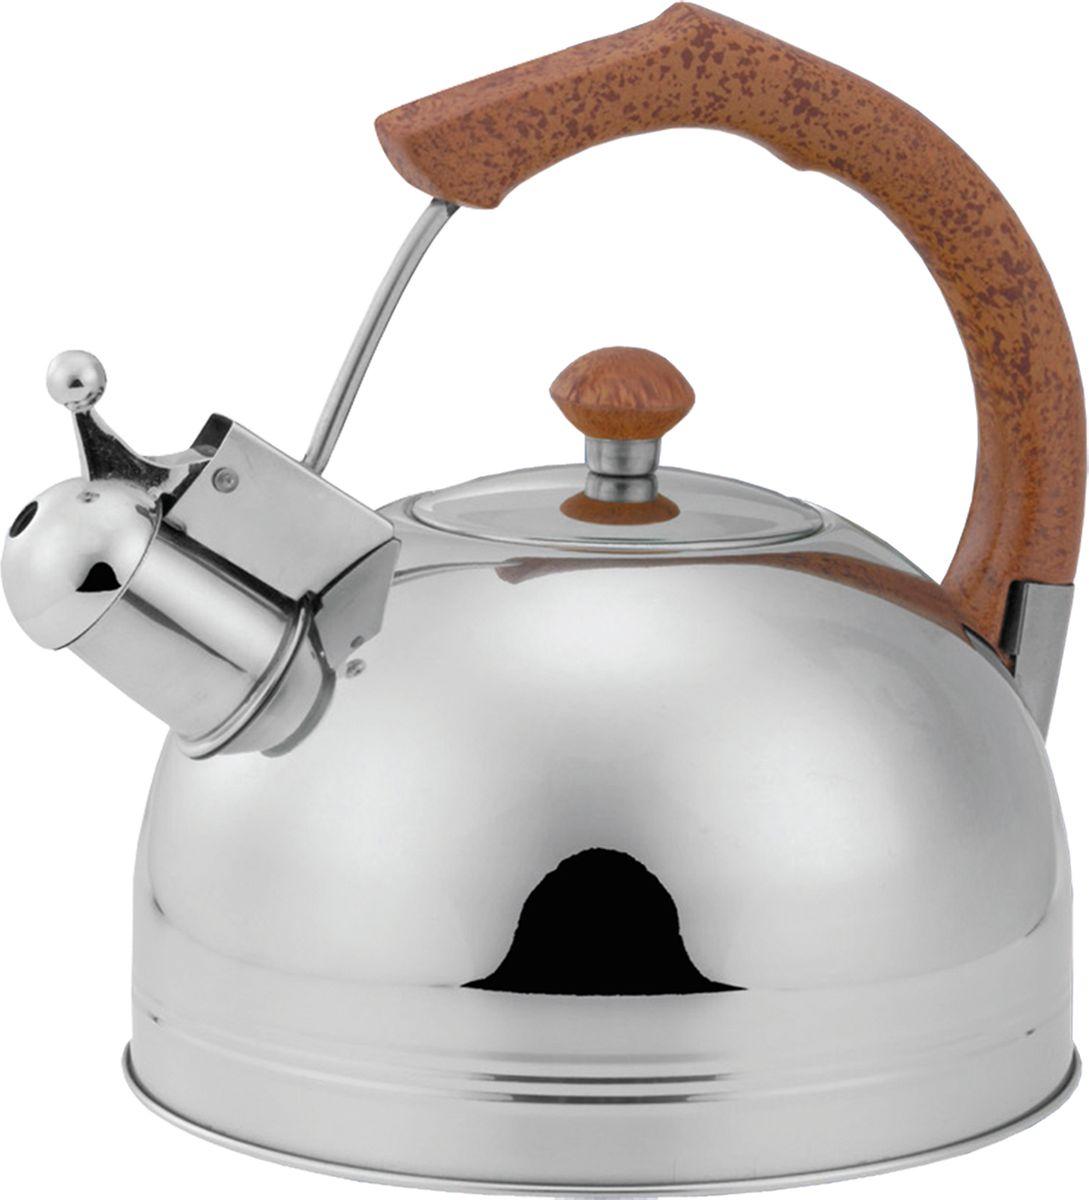 Чайник Bohmann, со свистком, 4 л. 9980-4BHGDO9980-4BHGDOЧайник металлический. Объем 4,0л. Корпус - нержавеющая сталь. Бакелитовая ручка. Подходит для всех видов плит.